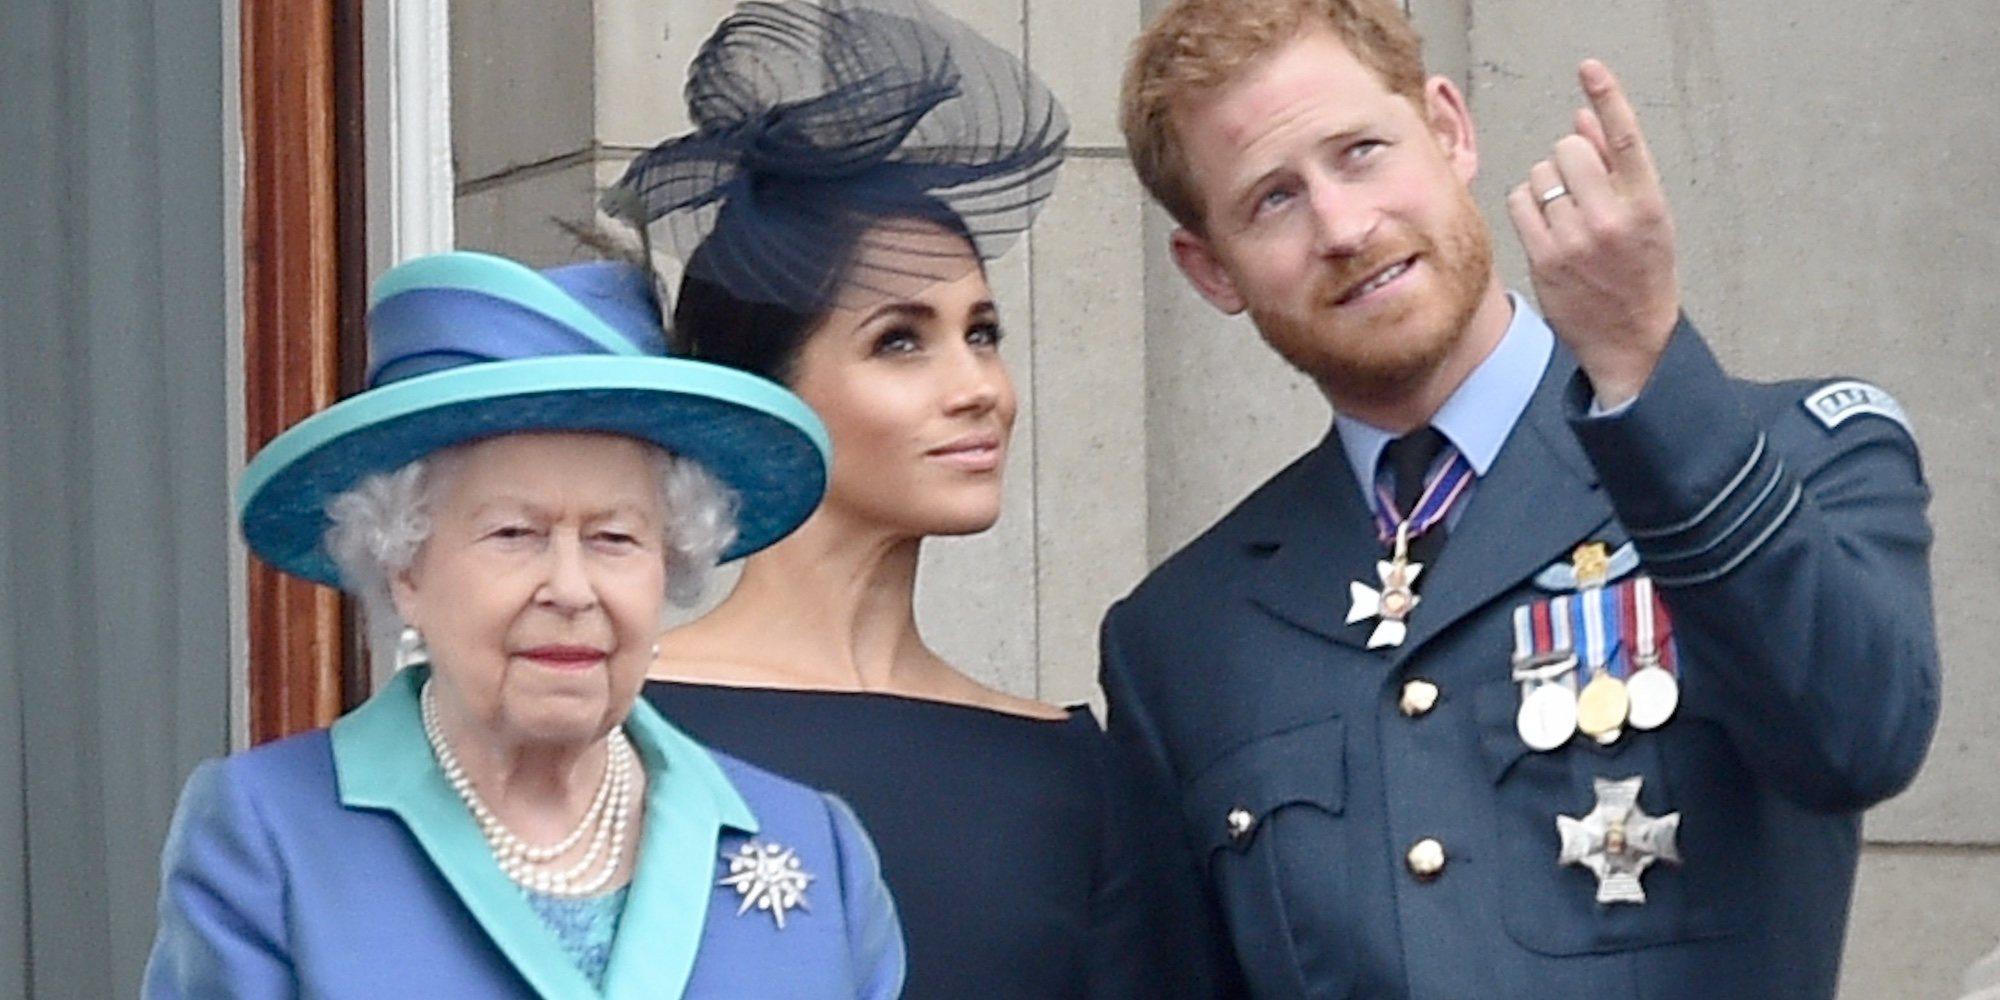 La oferta de la Reina Isabel que el Príncipe Harry y Meghan Markle rechazaron y que podría haber evitado el Sussexit